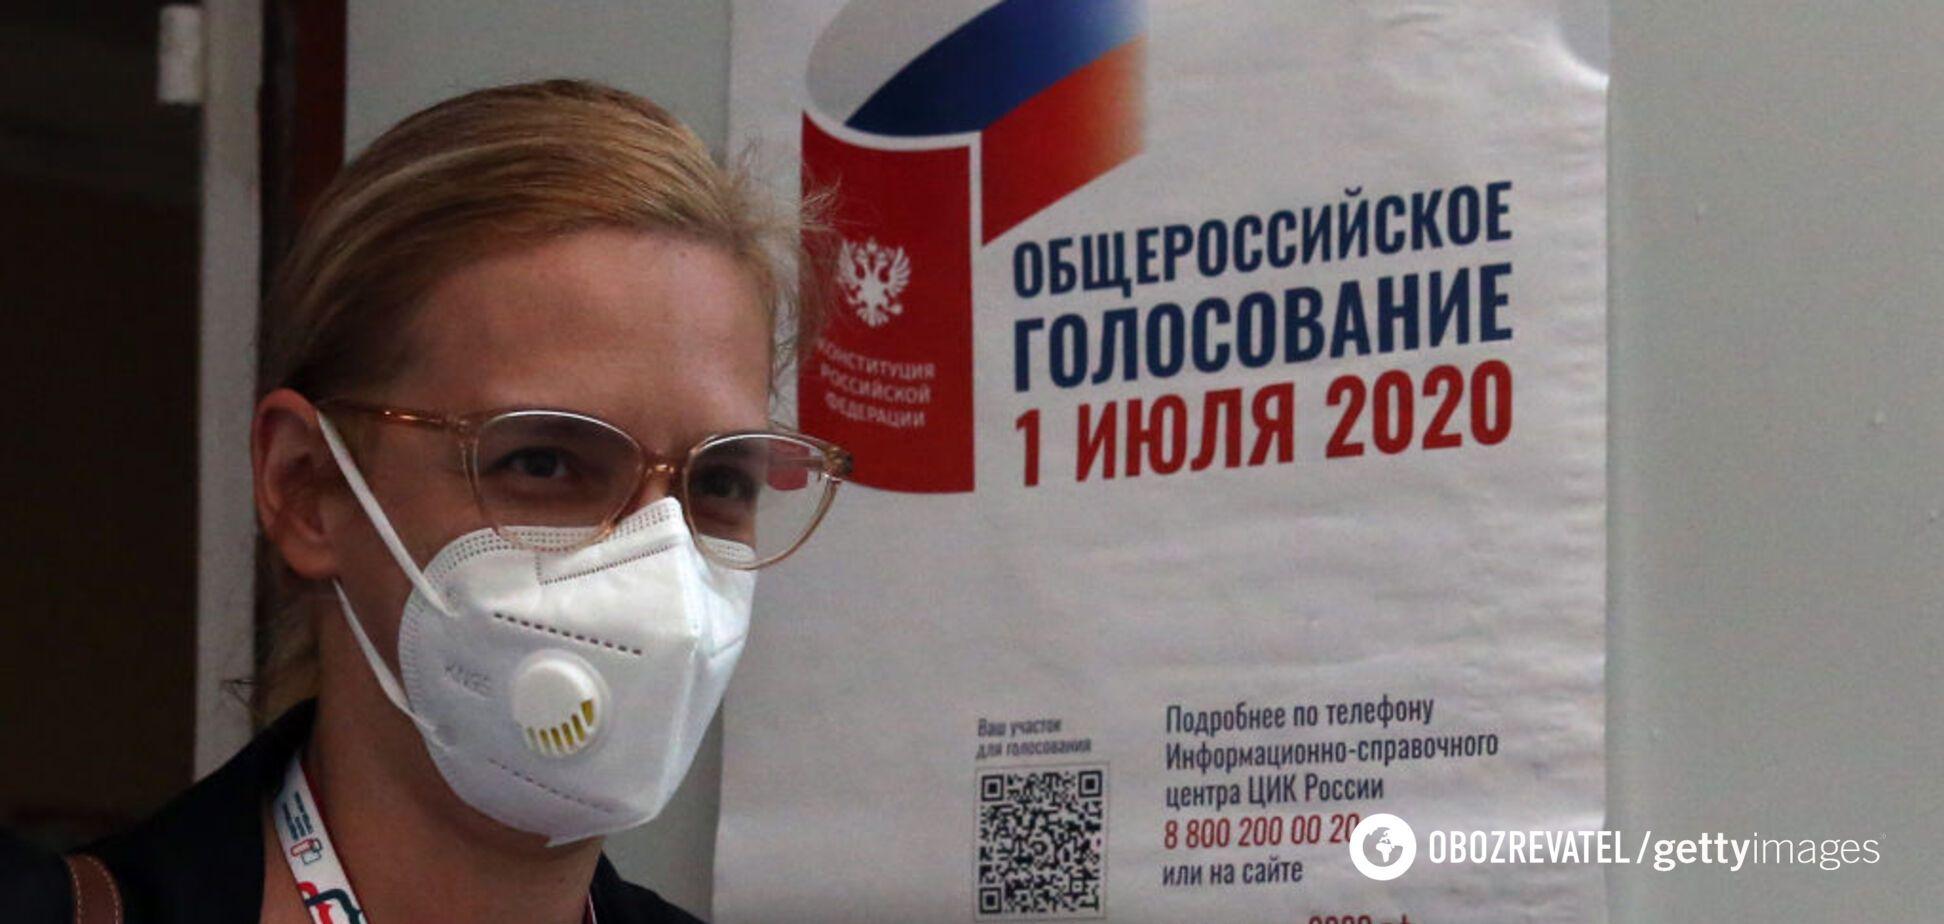 Сторонники 'русского мира' в шоке от происходящего в ОРДЛО